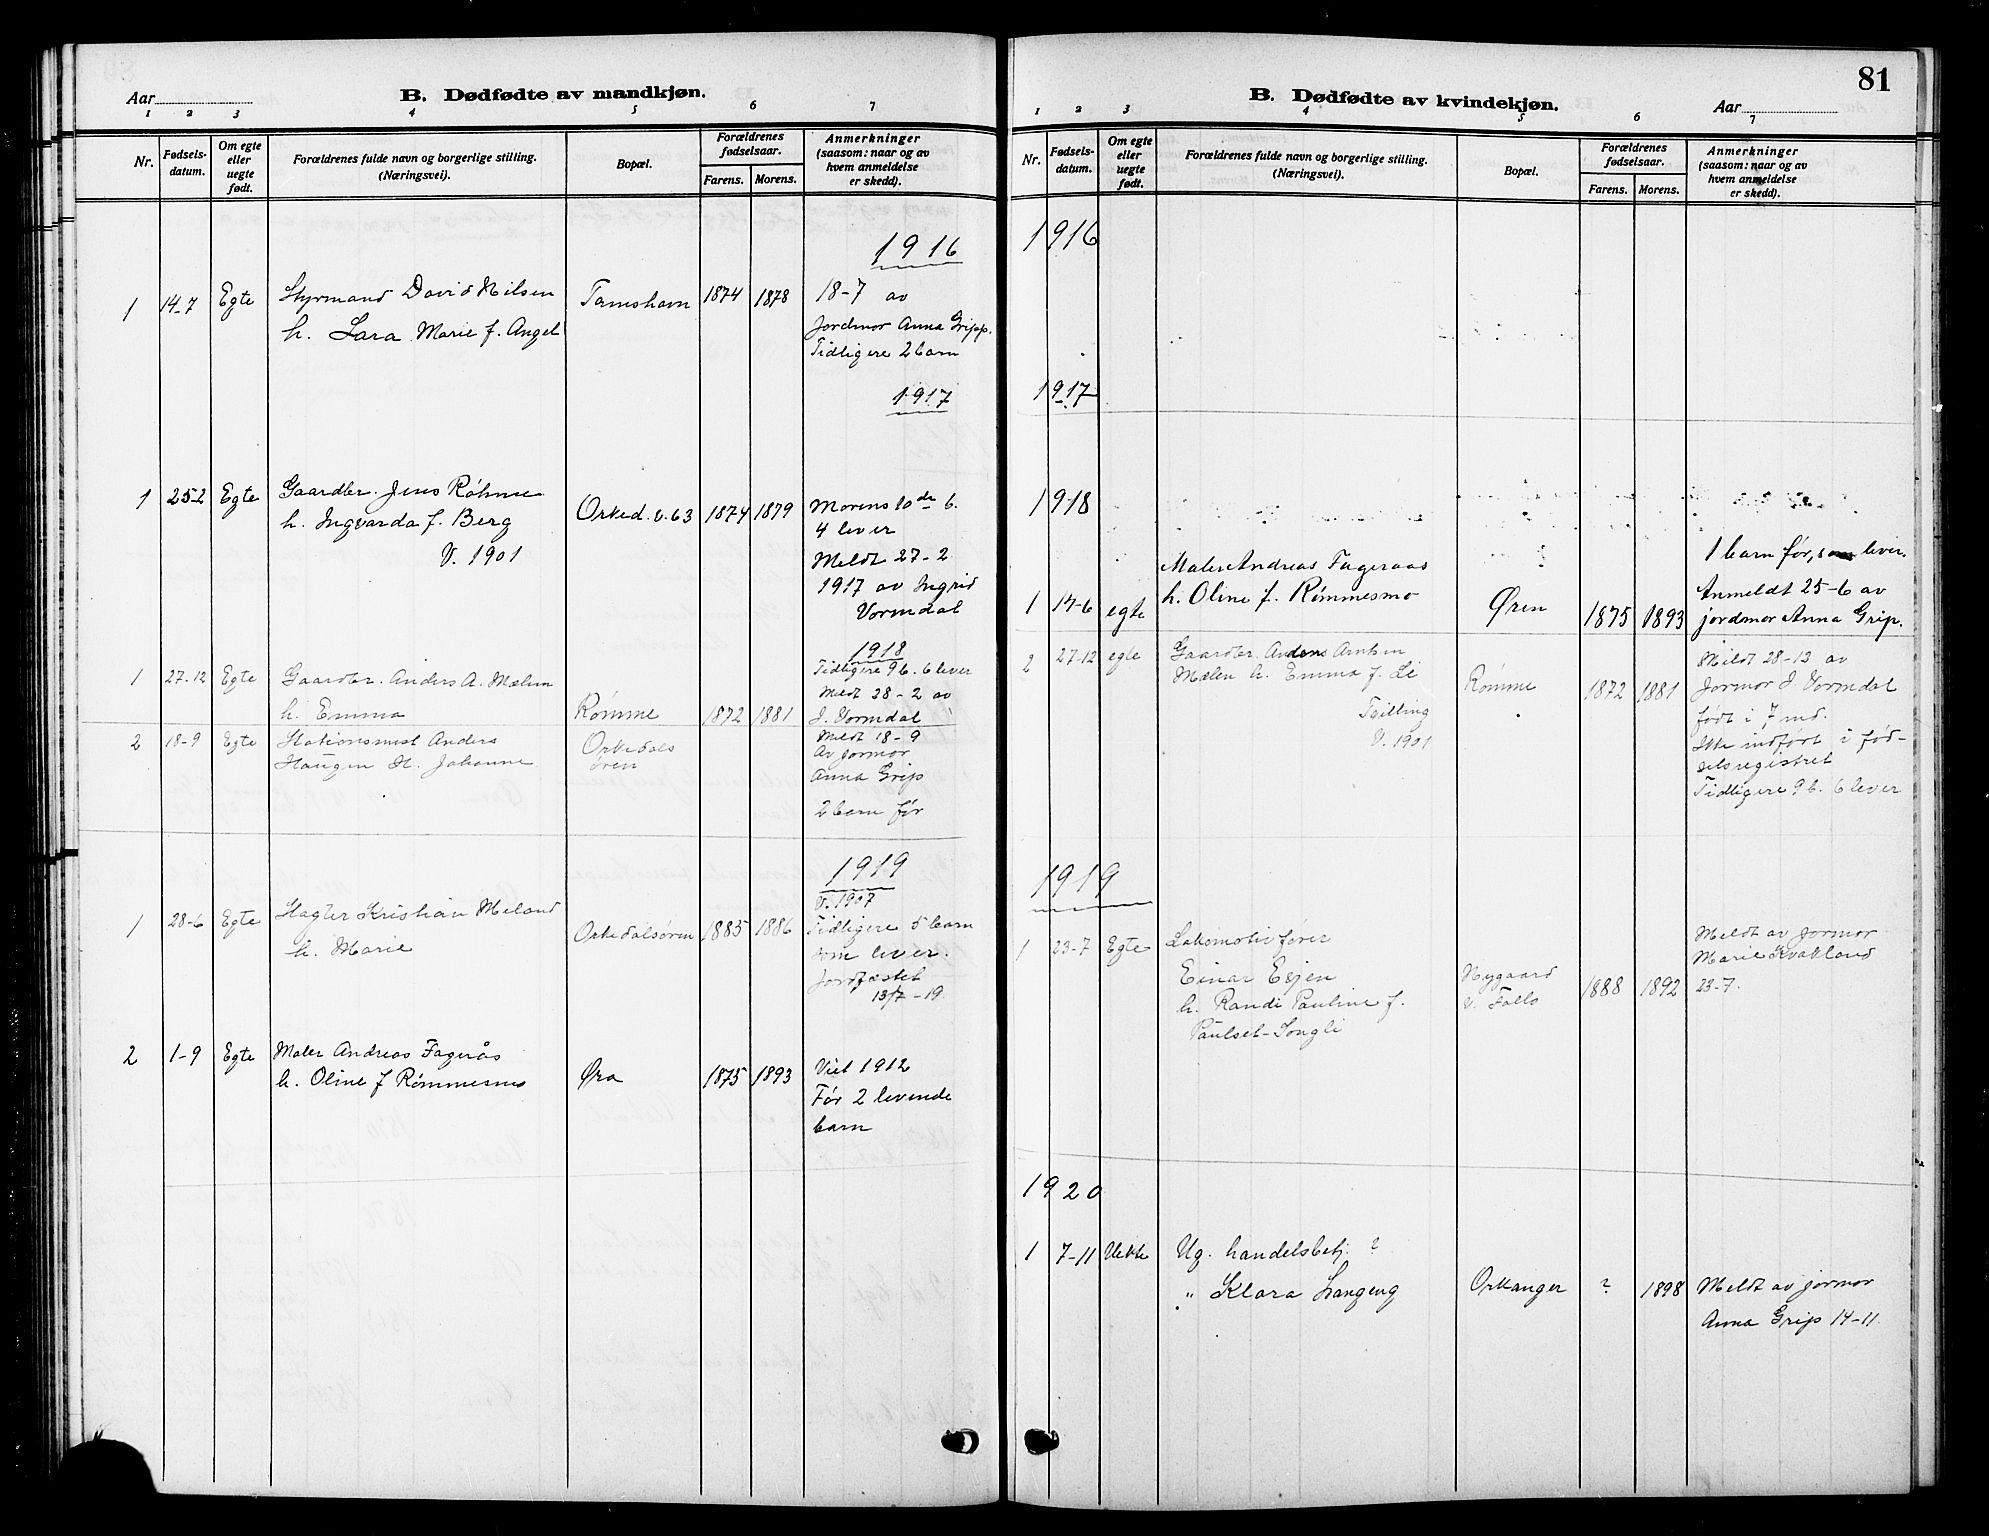 SAT, Ministerialprotokoller, klokkerbøker og fødselsregistre - Sør-Trøndelag, 669/L0831: Klokkerbok nr. 669C01, 1909-1924, s. 81